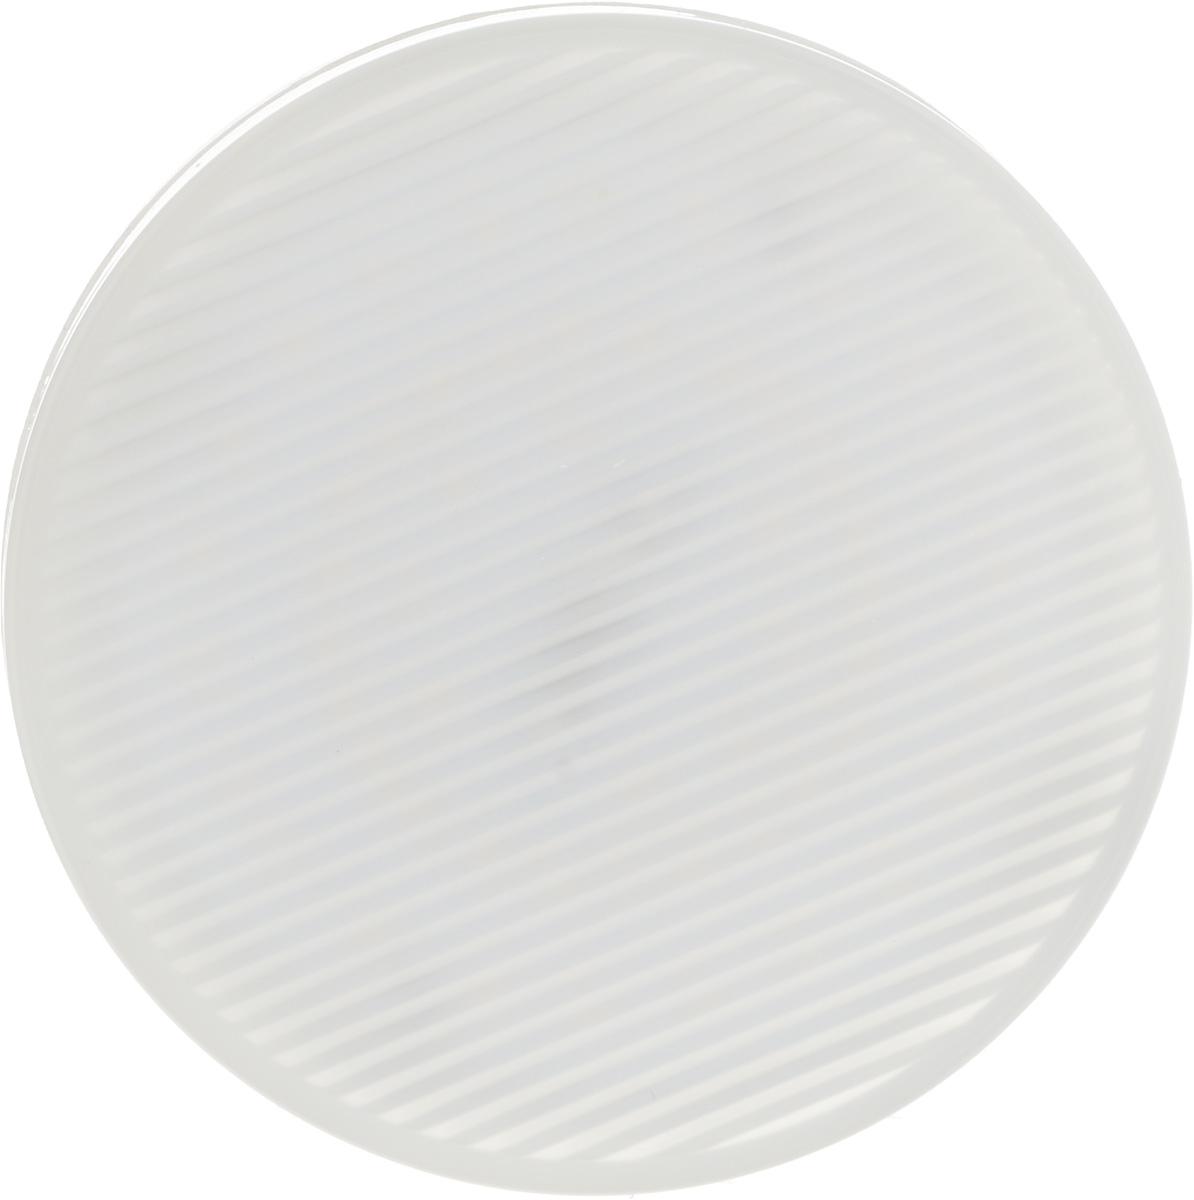 Лампа светодиодная Philips Essential LED, цоколь GX53, 5,5W, 4000KЛампа Essential LED 6-50Вт 4000К GX53Современные светодиодные лампы Essential LED экономичны, имеют долгий срок службы и мгновенно загораются, заполняя комнату светом. Лампа классической формы и высокой яркости позволяет создать уютную и приятную обстановку в любой комнате вашего дома.Светодиодные лампы потребляют на 86 % меньше электроэнергии, чем обычные лампы накаливания, излучая при этом привычный и приятный свет. Срок службы светодиодной лампы Essential LED составляет до 15 000 часов, что соответствует общему сроку службы пятнадцати ламп накаливания. Благодаря чему менять лампы приходится значительно реже, что сокращает количество отходов.Напряжение: 220-240 В. Световой поток: 560 lm.Эквивалент мощности в ваттах: 40 Вт.